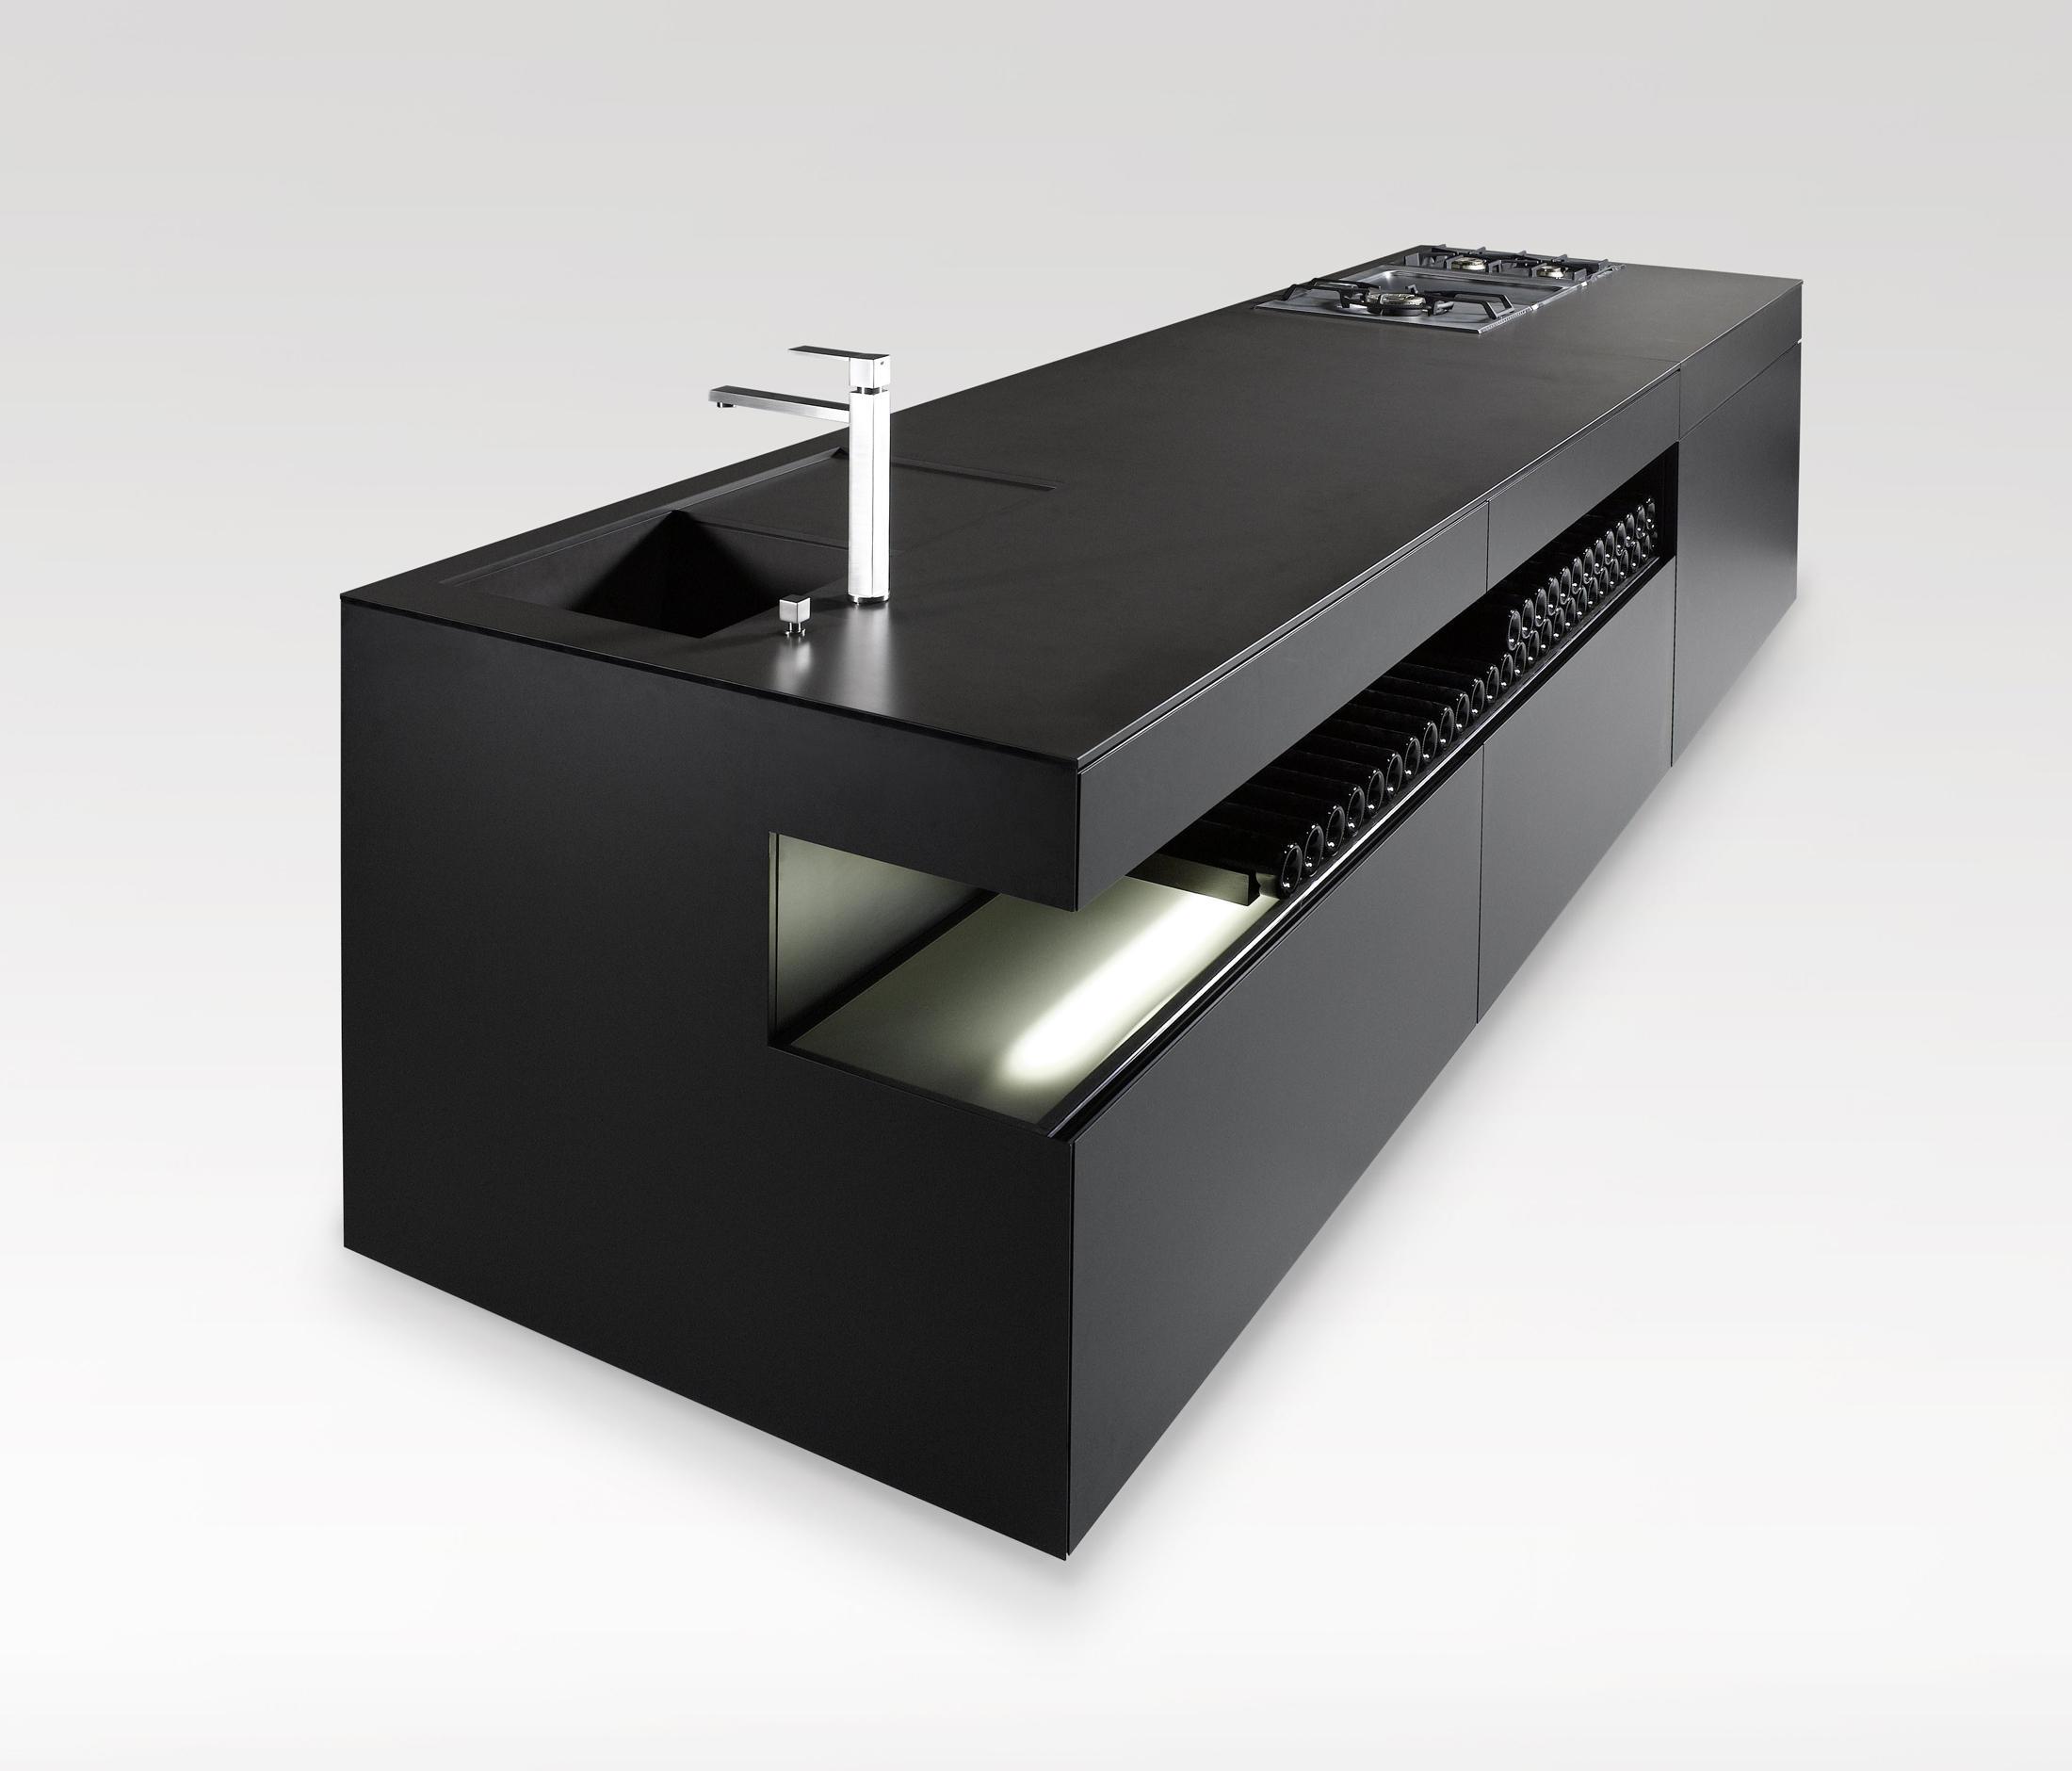 ALUKÜCHE08 - Kücheninseln von steininger.designers   Architonic